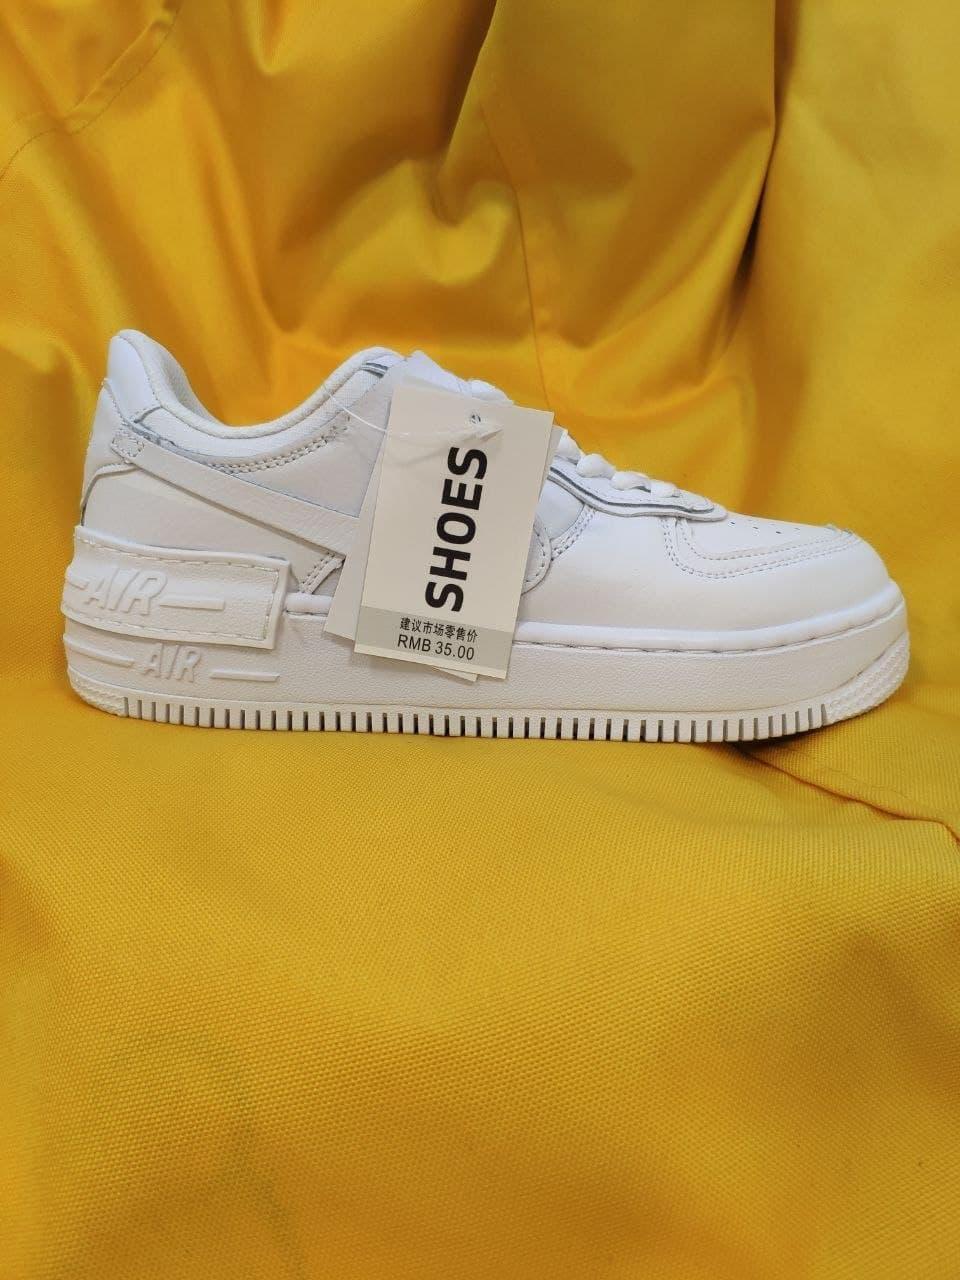 Женские кроссовки Nike Air Force 1 Shadow (белые) D85 качественные кожаные спортивные кроссы